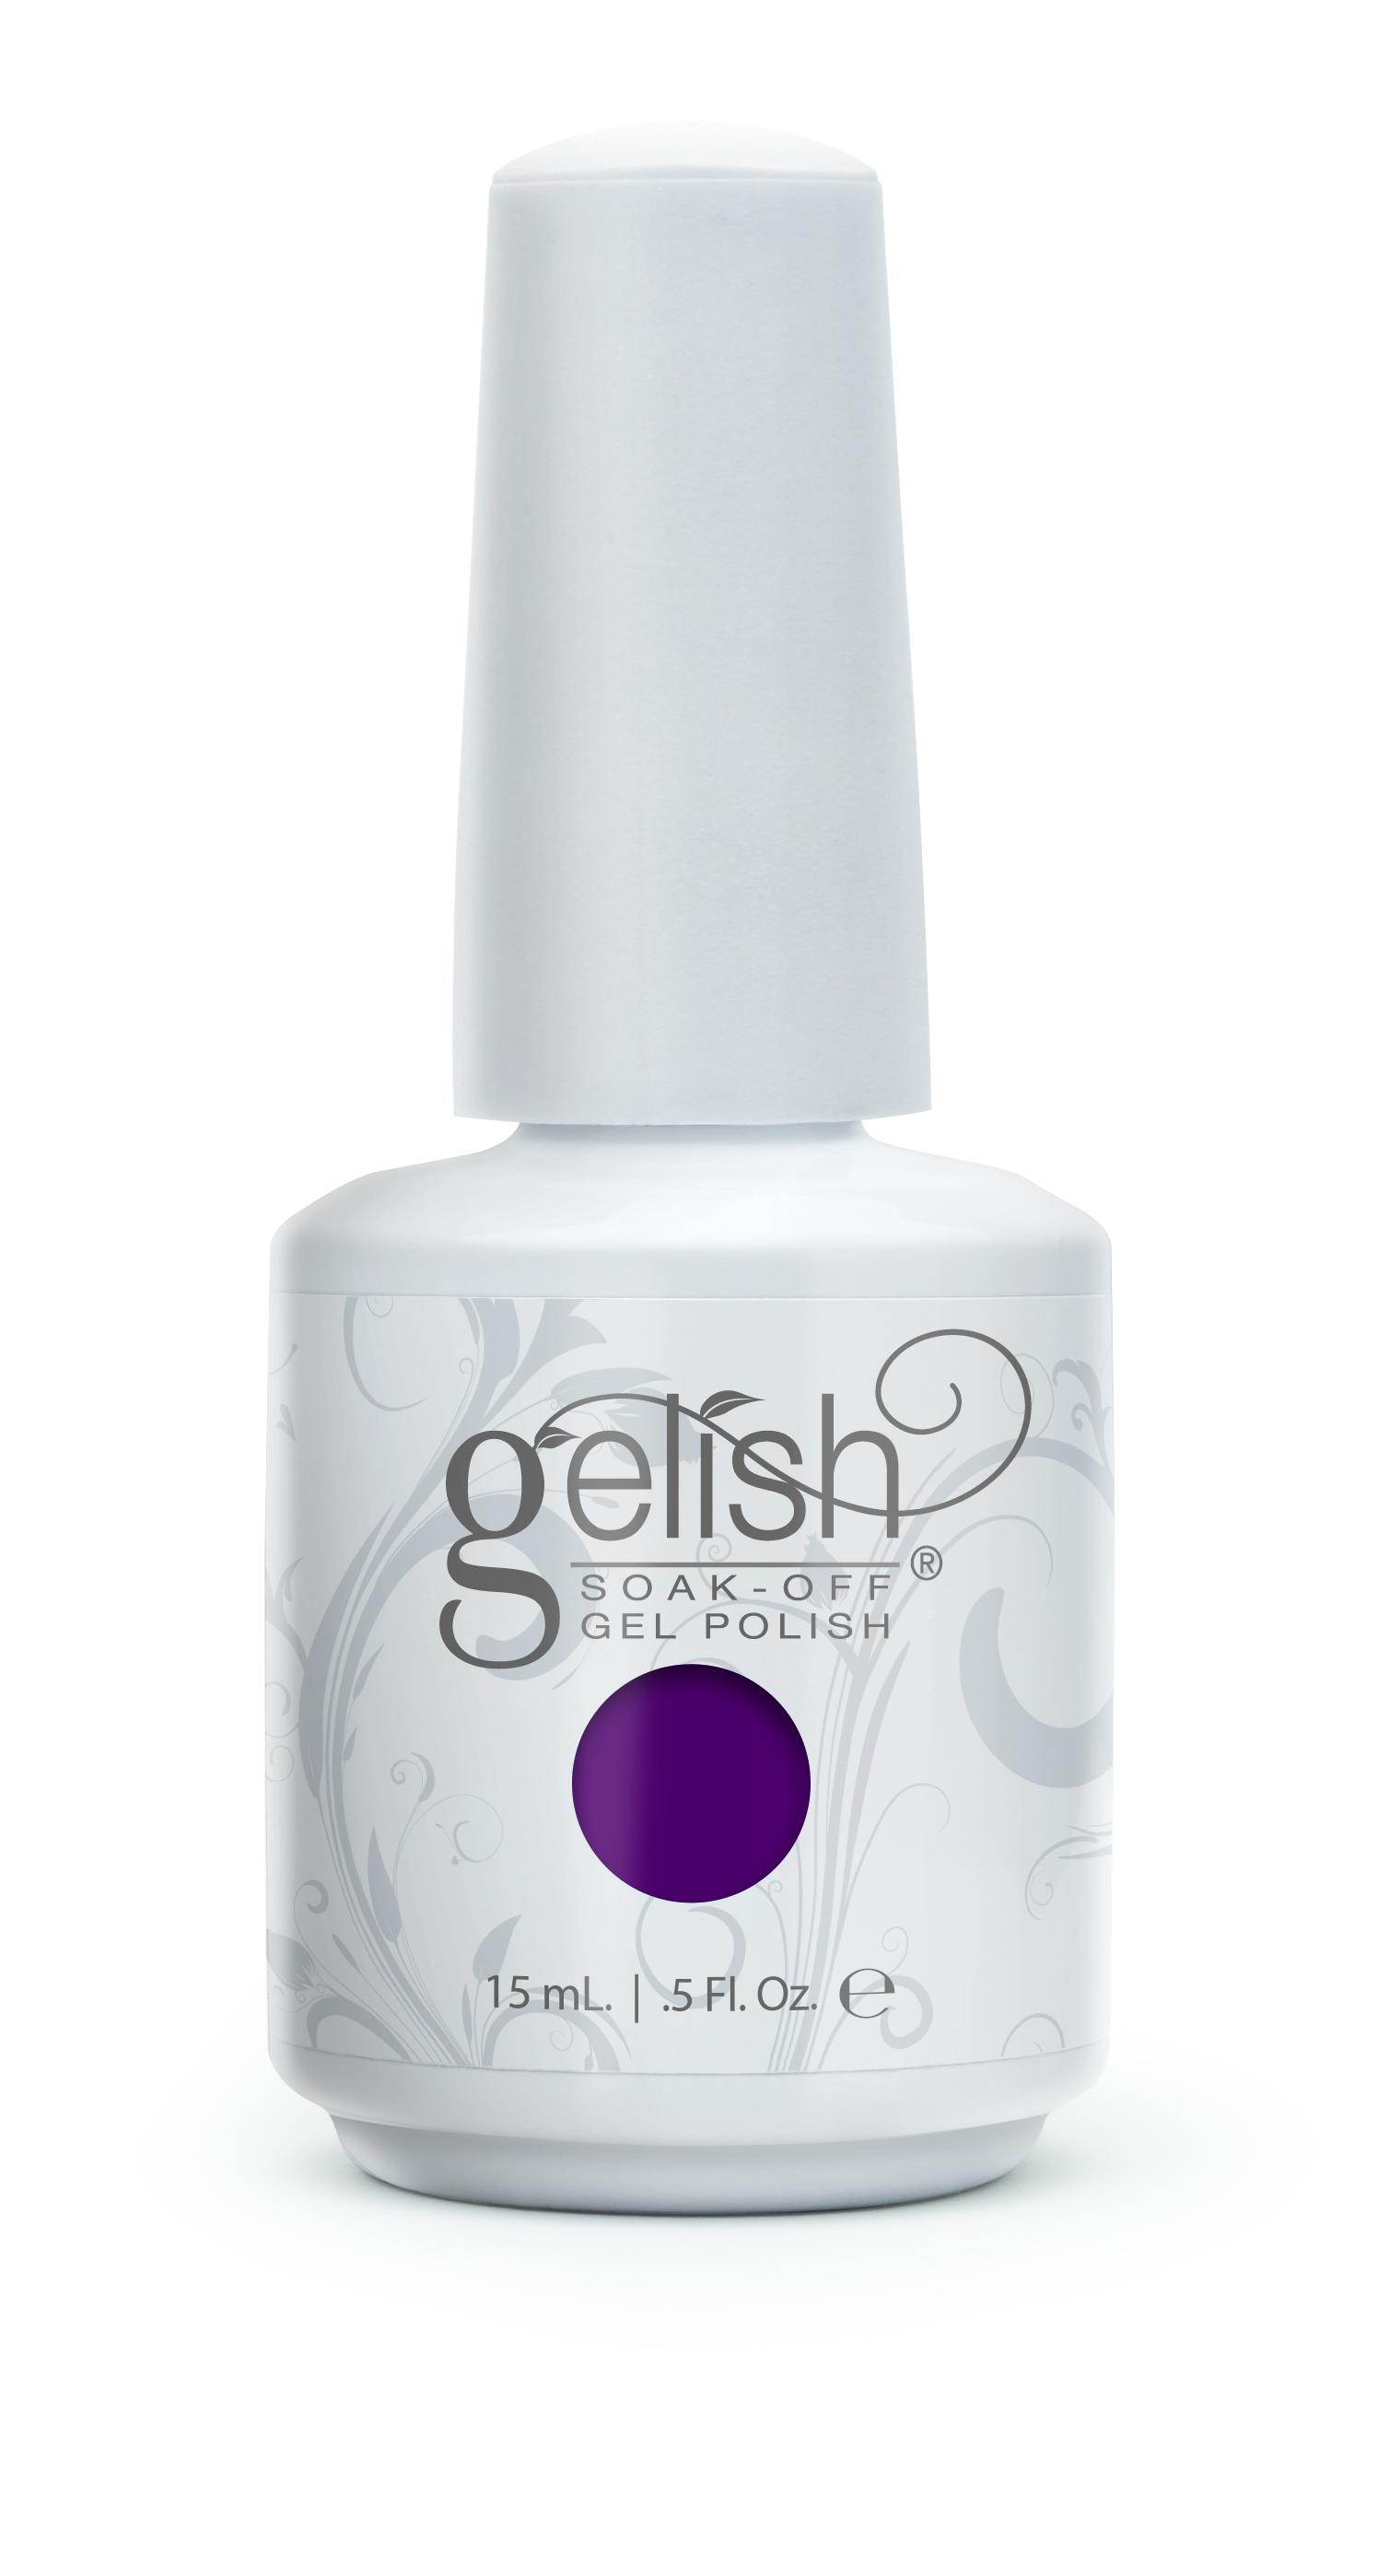 GELISH Гель-лак Warriors Dont Wine / GELISH 15млГель-лаки<br>Гель-лак Gelish наносится на ноготь как лак, с помощью кисточки под колпачком. Процедура нанесения схожа с&amp;nbsp;нанесением обычного цветного покрытия. Все гель-лаки Harmony Gelish выполняют функцию еще и укрепляющего геля, делая ногти более прочными и длинными. Ногти клиента находятся под защитой гель-лака, они не ломаются и не расслаиваются. Гель-лаки Gelish после сушки в LED или УФ лампах держатся на натуральных ногтях рук до 3 недель, а на ногтях ног до 5 недель. Способ применения: Подготовительный этап. Для начала нужно сделать маникюр. В зависимости от ваших предпочтений это может быть европейский, классический обрезной, СПА или аппаратный маникюр. Главное, сдвинуть кутикулу с ногтевого ложа и удалить ороговевшие участки кожи вокруг ногтей. Особенностью этой системы является то, что перед нанесением базового слоя необходимо обработать ноготь шлифовочным бафом Harmony Buffer 100/180 грит, для того, чтобы снять глянец. Это поможет улучшить сцепку покрытия с ногтем. Пыль, которая осталась после опила, излишки жира и влаги удаляются с помощью обезжиривателя Бондер / GELISH pH Bond 15&amp;nbsp;мл или любого другого дегитратора. Нанесение искусственного покрытия Harmony.&amp;nbsp; После того, как подготовительные процедуры завершены, можно приступать непосредственно к нанесению искусственного покрытия Harmony Gelish. Как и все гелевые лаки, продукцию этого бренда необходимо полимеризовать в лампе. Гель-лаки Gelish сохнут (полимеризуются) под LED или УФ лампой. Время полимеризации: В LED лампе 18G/6G = 30 секунд В LED лампе Gelish Mini Pro = 45 секунд В УФ лампах 36 Вт = 120 секунд В УФ лампе Harmony Mini Portable UV Light = 180 секунд ПРИМЕЧАНИЕ: подвергать полимеризации необходимо каждый слой гель-лакового покрытия! 1)Первым наносится тонкий слой базового покрытия Gelish Foundation Soak Off Base Gel 15 мл. 2)Следующий шаг   нанесение цветного гель-лака Harmony Gelish.&amp;nbsp; 3)Заключительный этап На